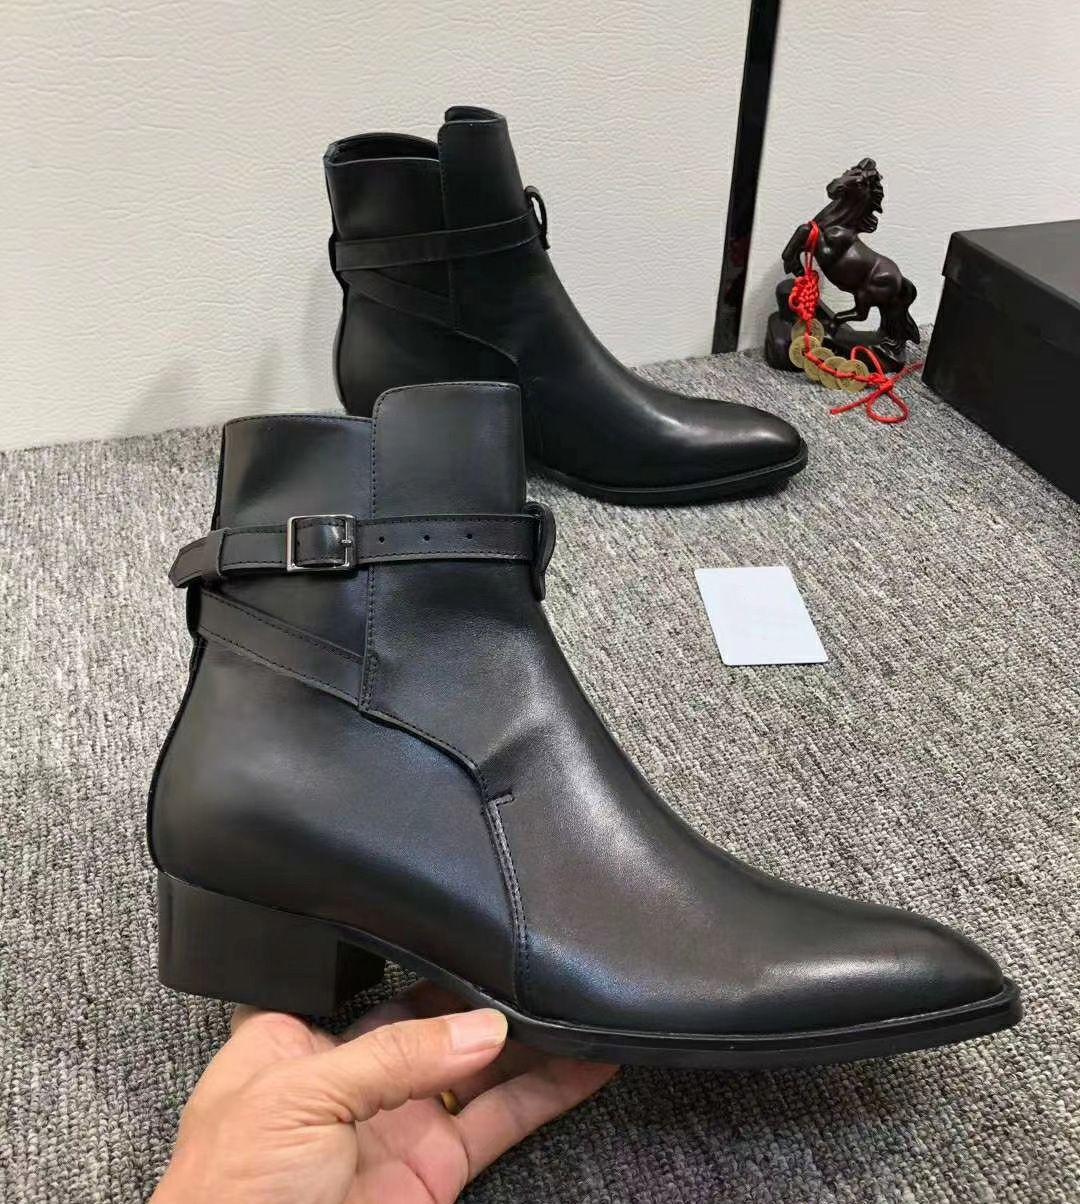 حار أحدث سوبر ستار الرجال جلد حقيقي الغربية رعاة البقر الأحذية عارضة الرجال الأحذية الخريف منتصف العجل دراجة نارية أحذية أحذية الرجال بوتاس